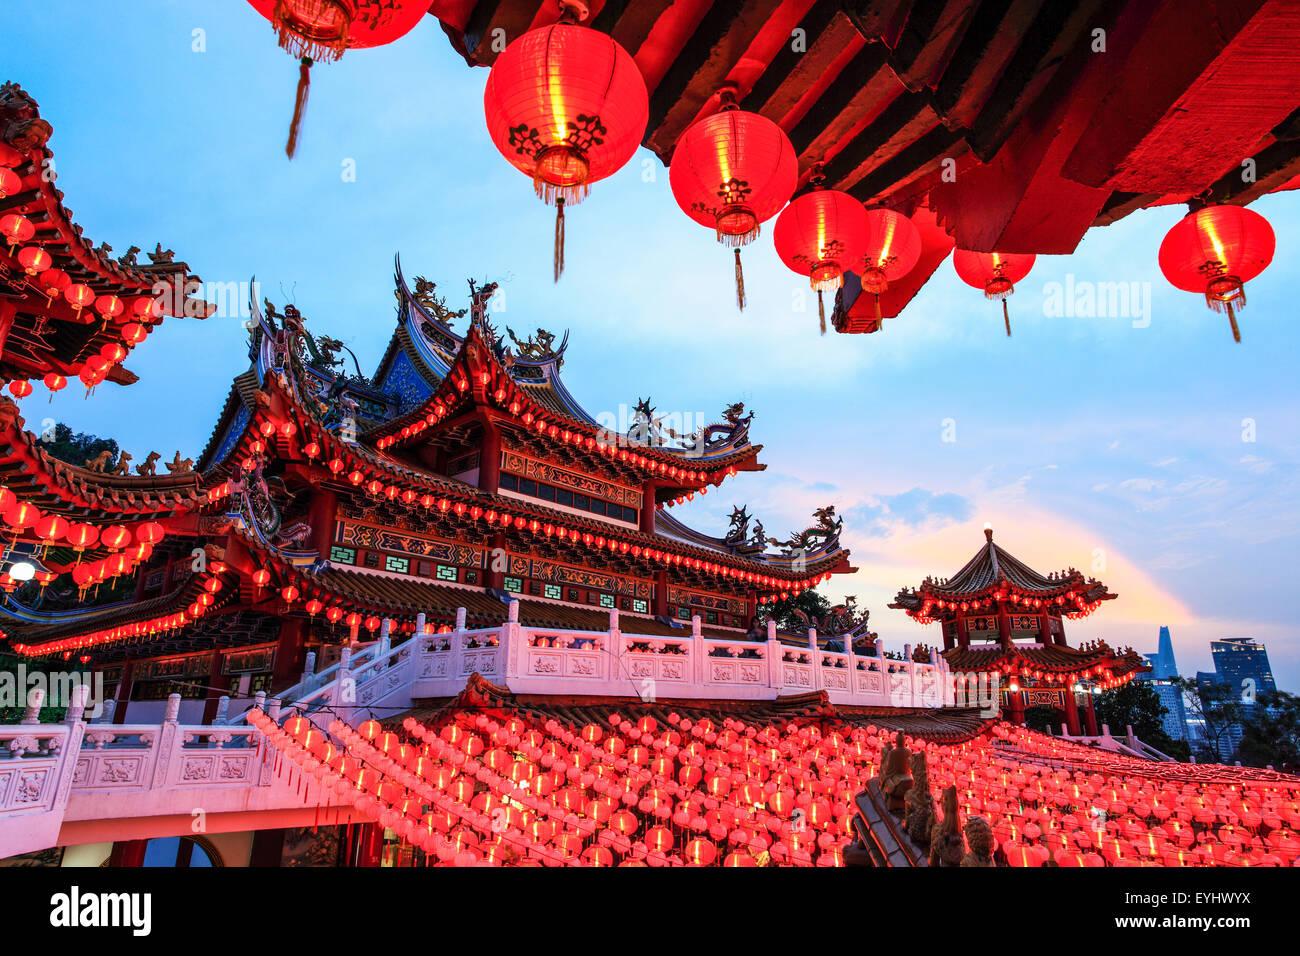 Le Temple Thean Hou toutes les lanternes éclairaient pendant le Nouvel An chinois. Photo Stock